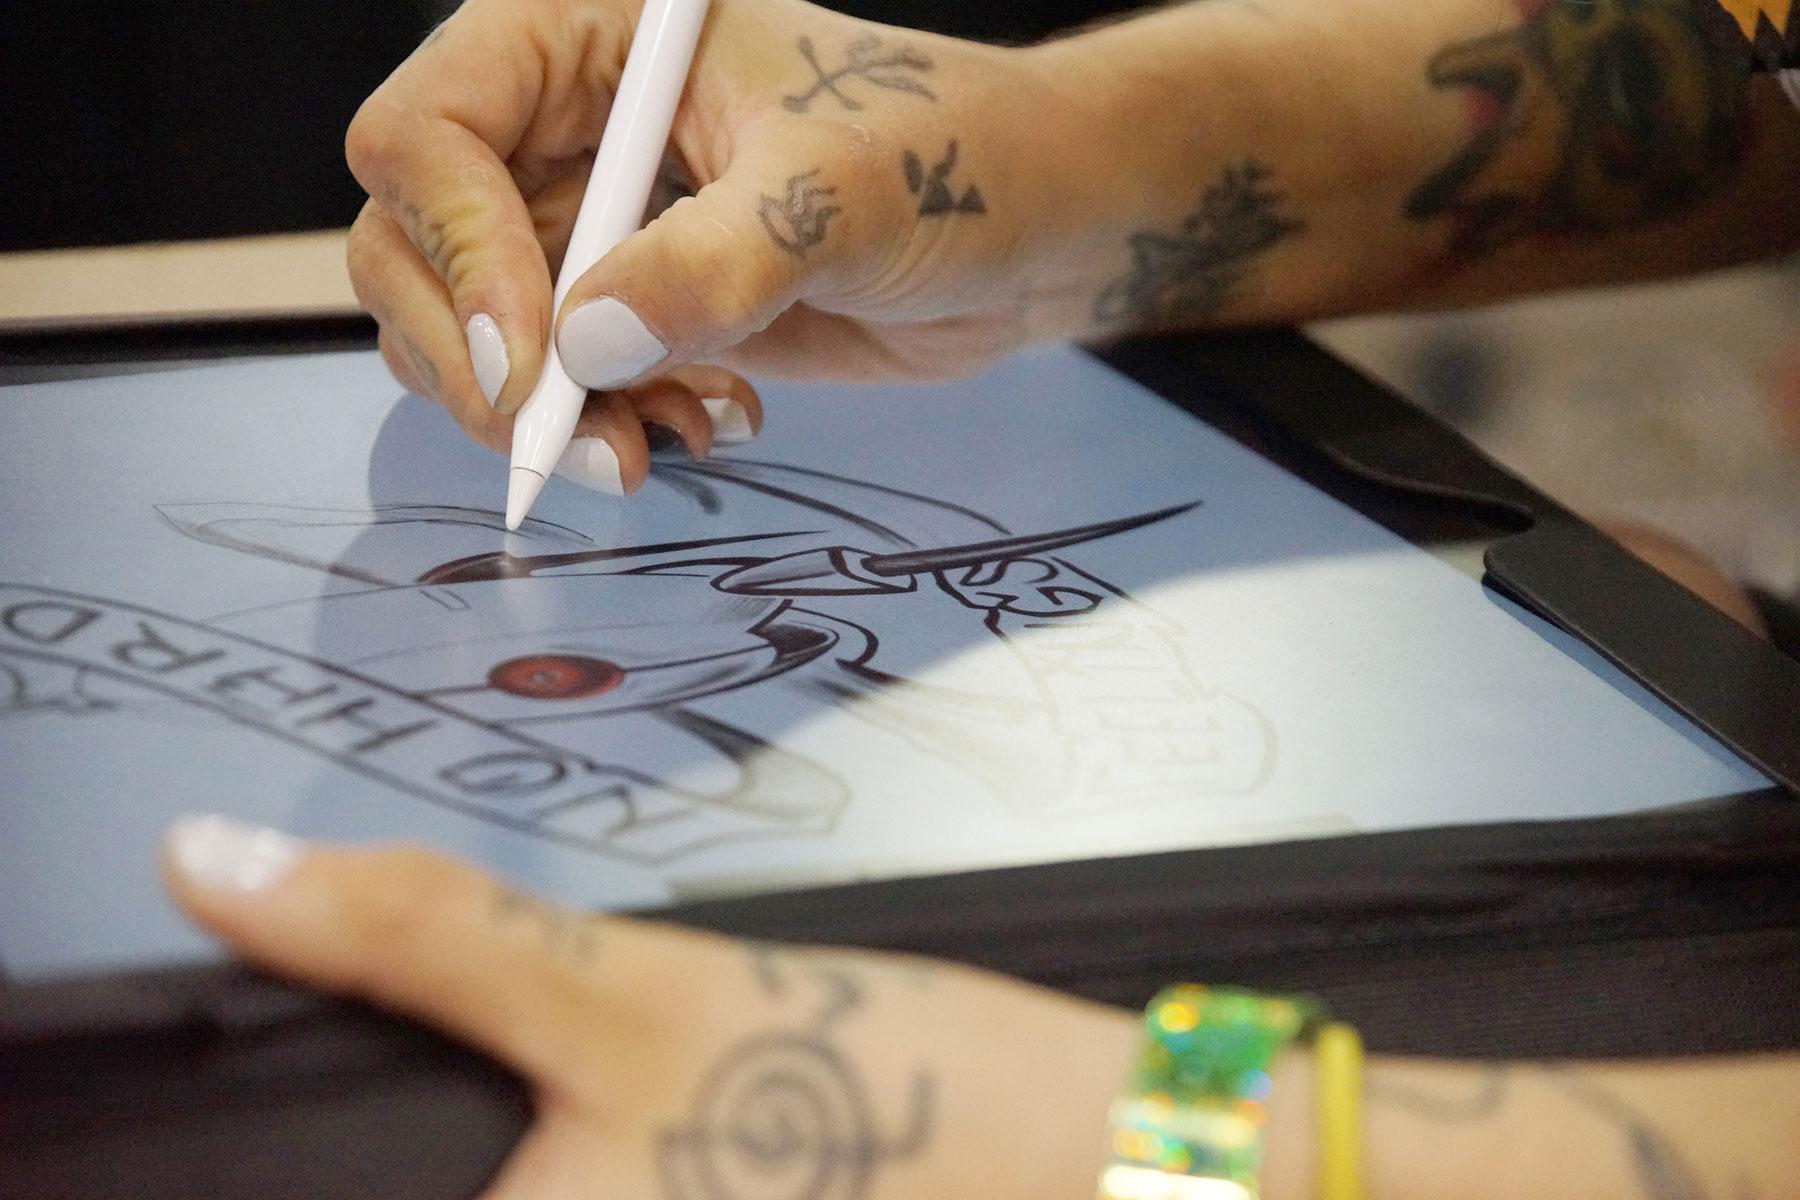 091517_tattooarts_1049